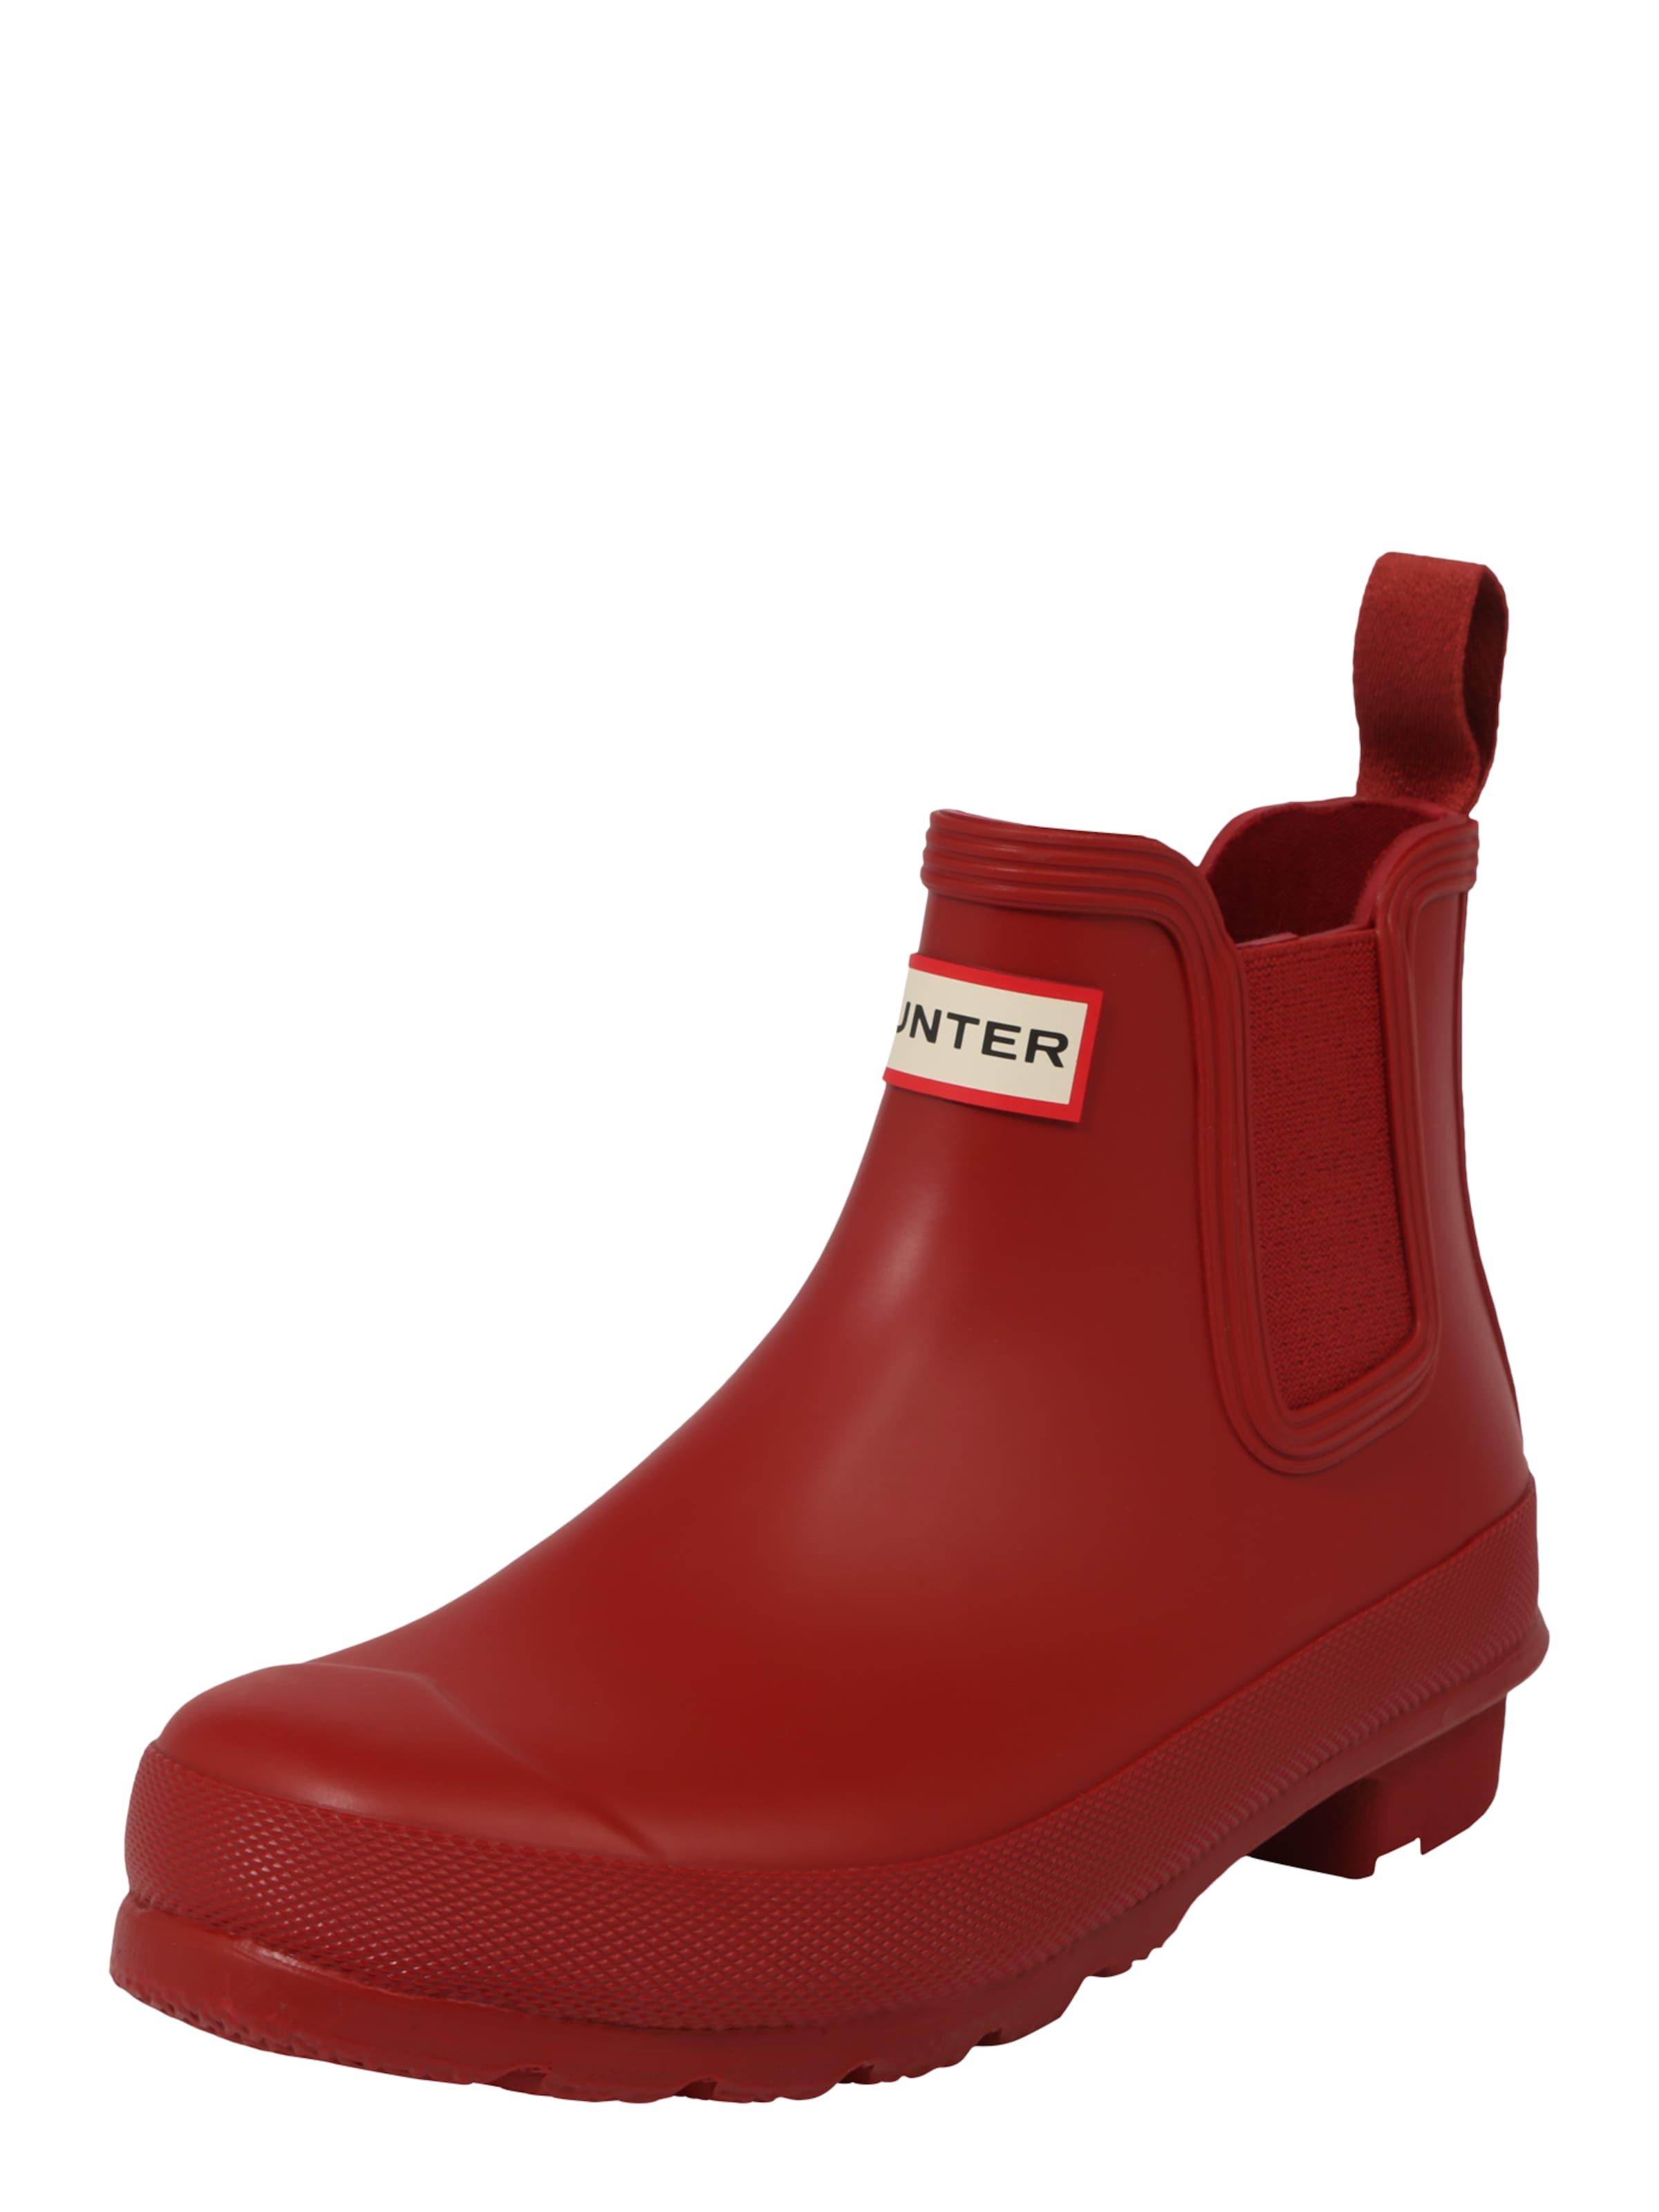 HUNTER Gummistiefel Günstige und langlebige Schuhe